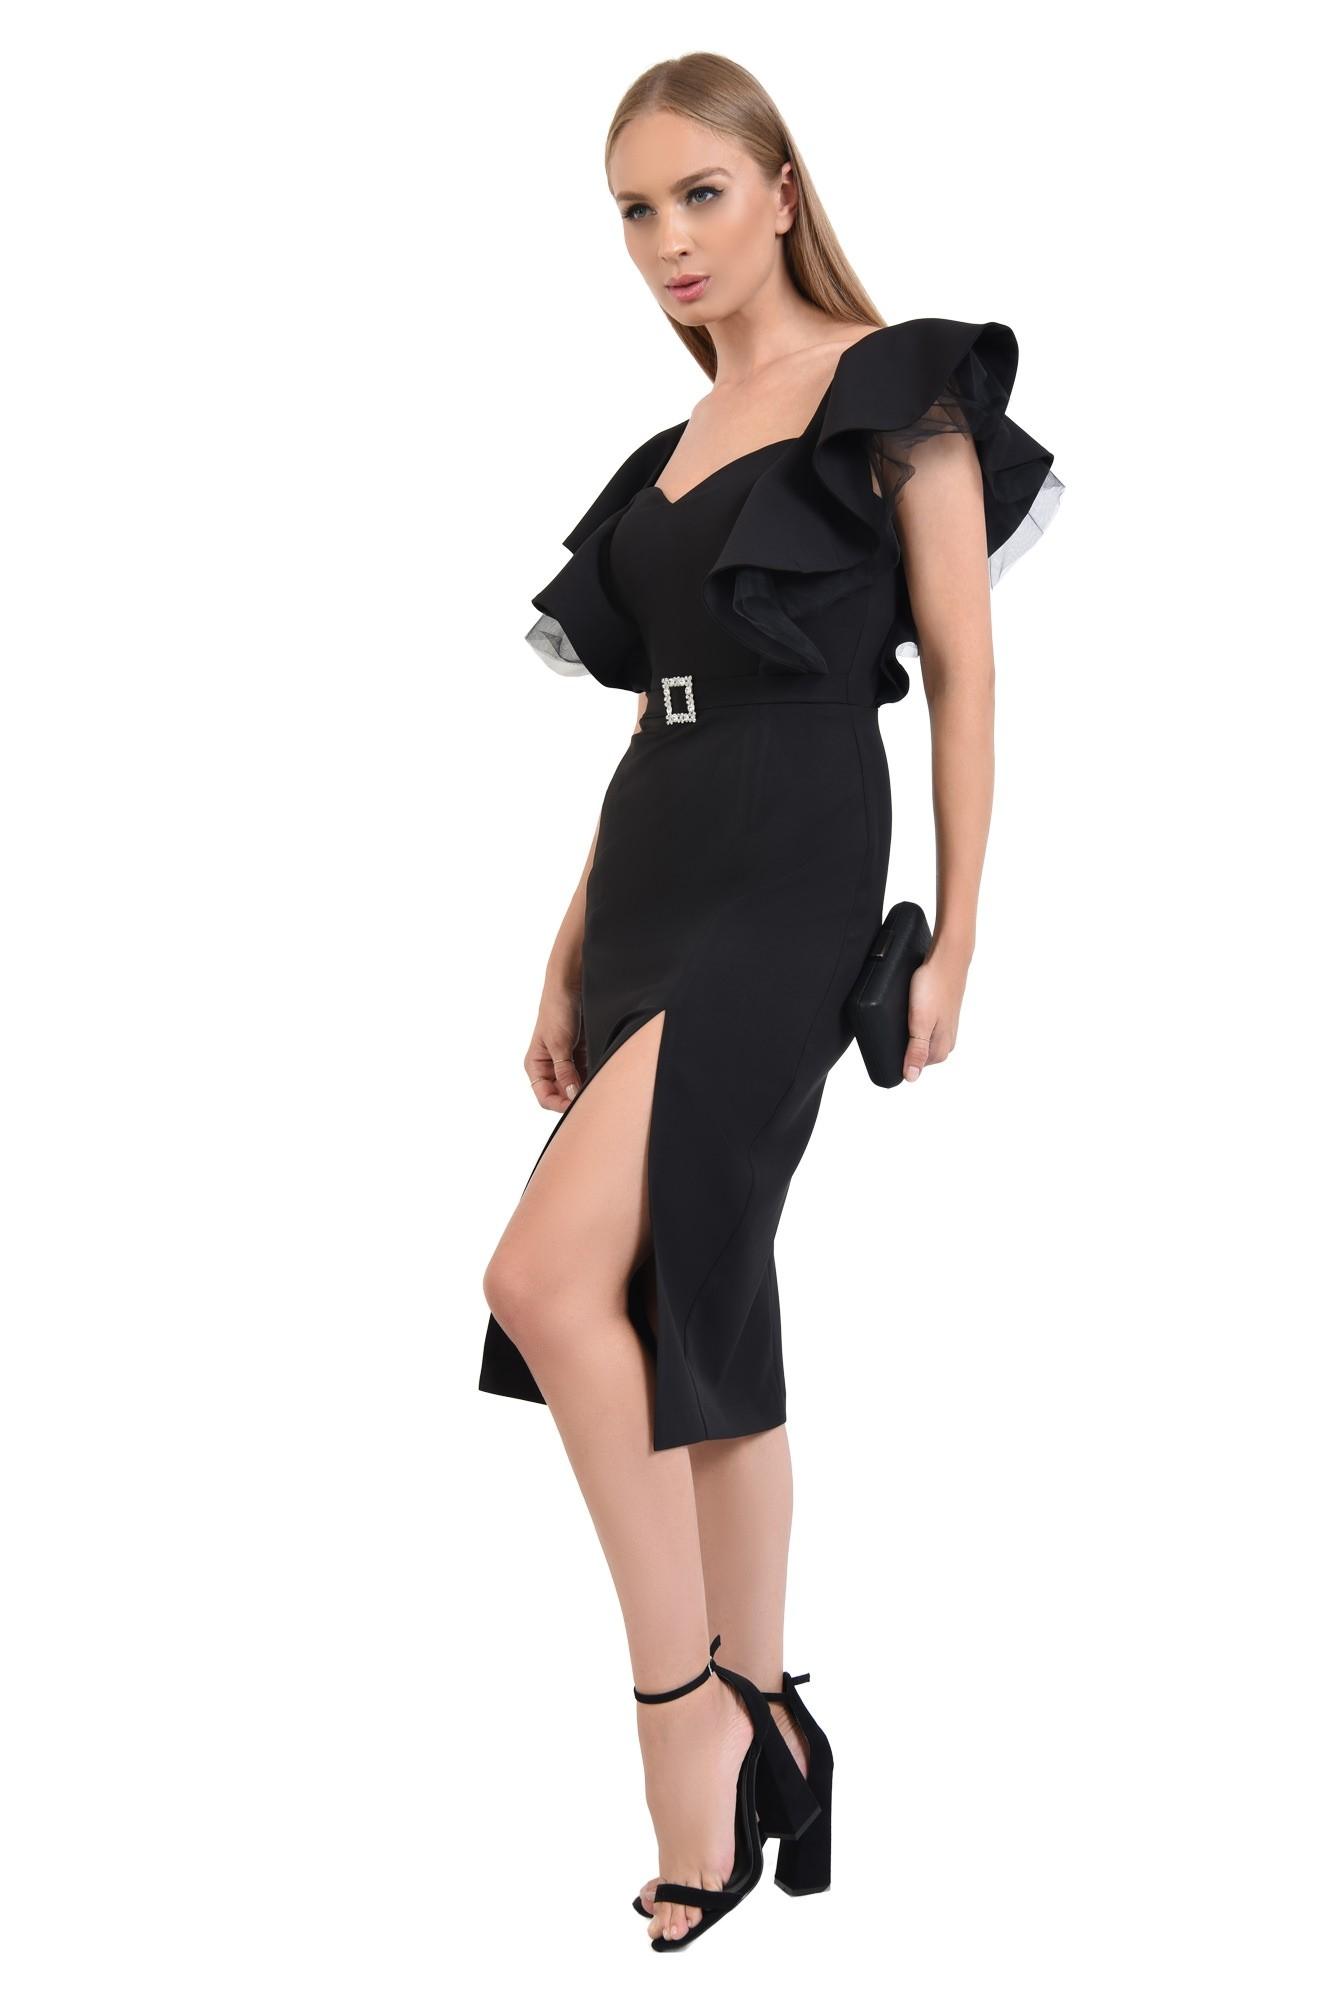 0 - rochie de ocazie, negru, volane